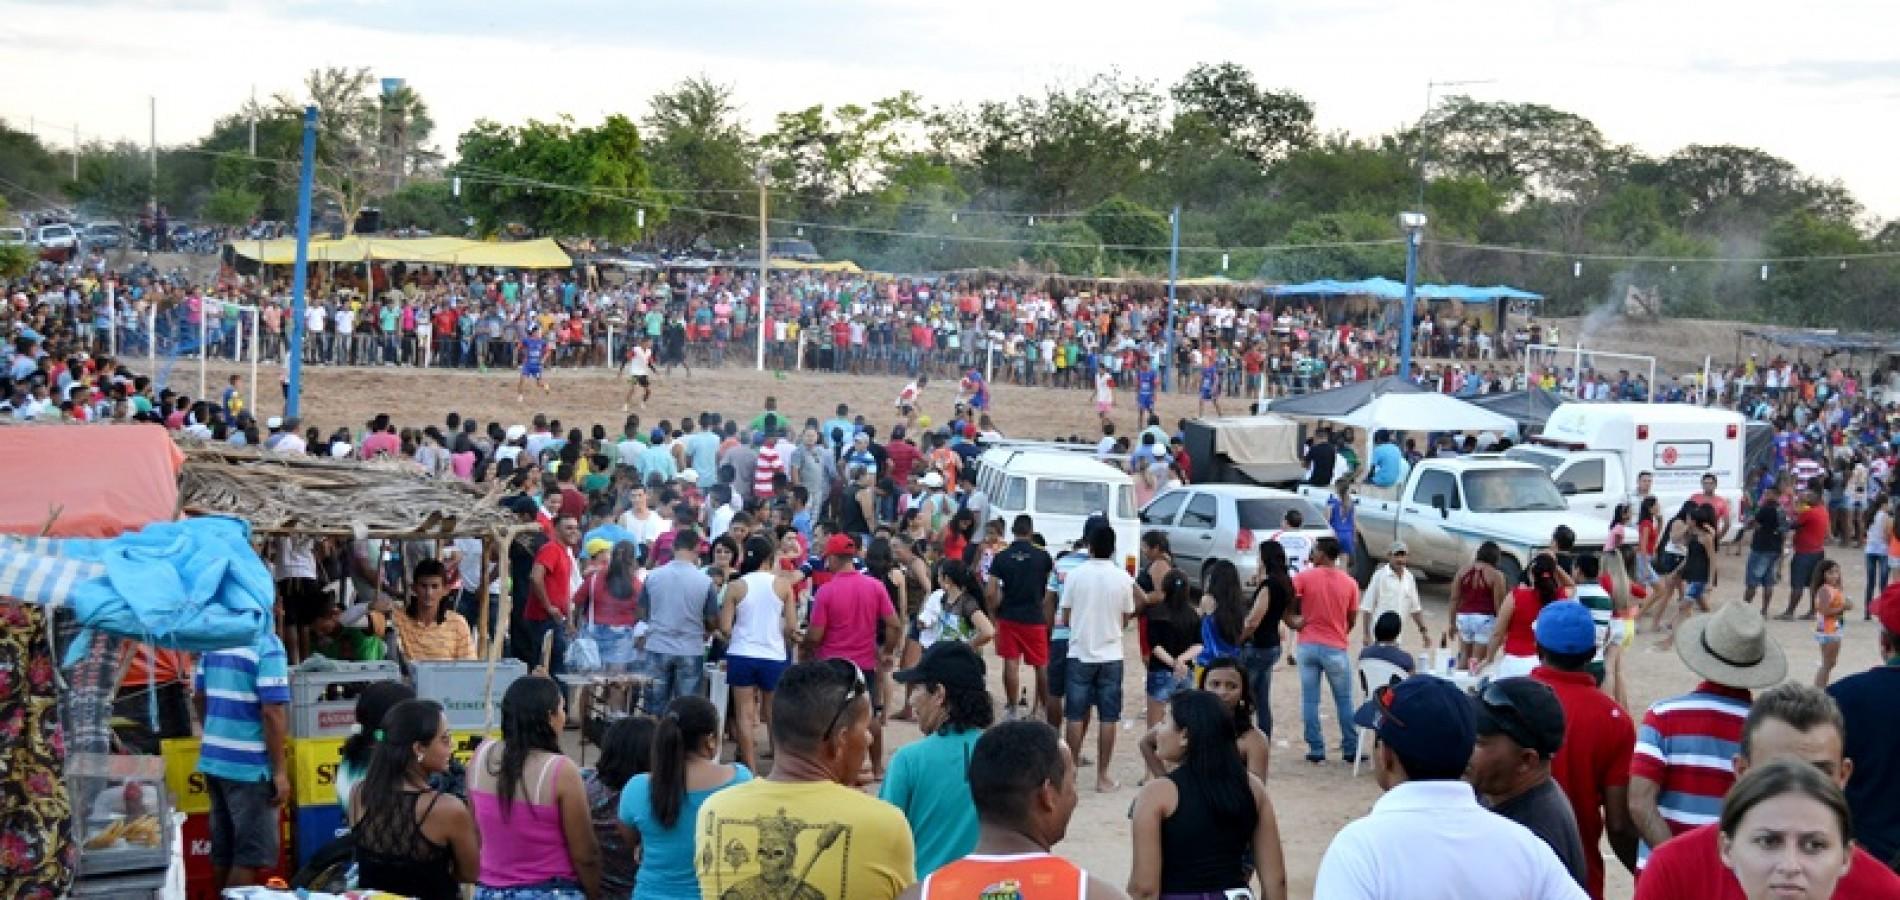 FOTOS | Festival Desportivo de Férias, em Massapê – Álbum I